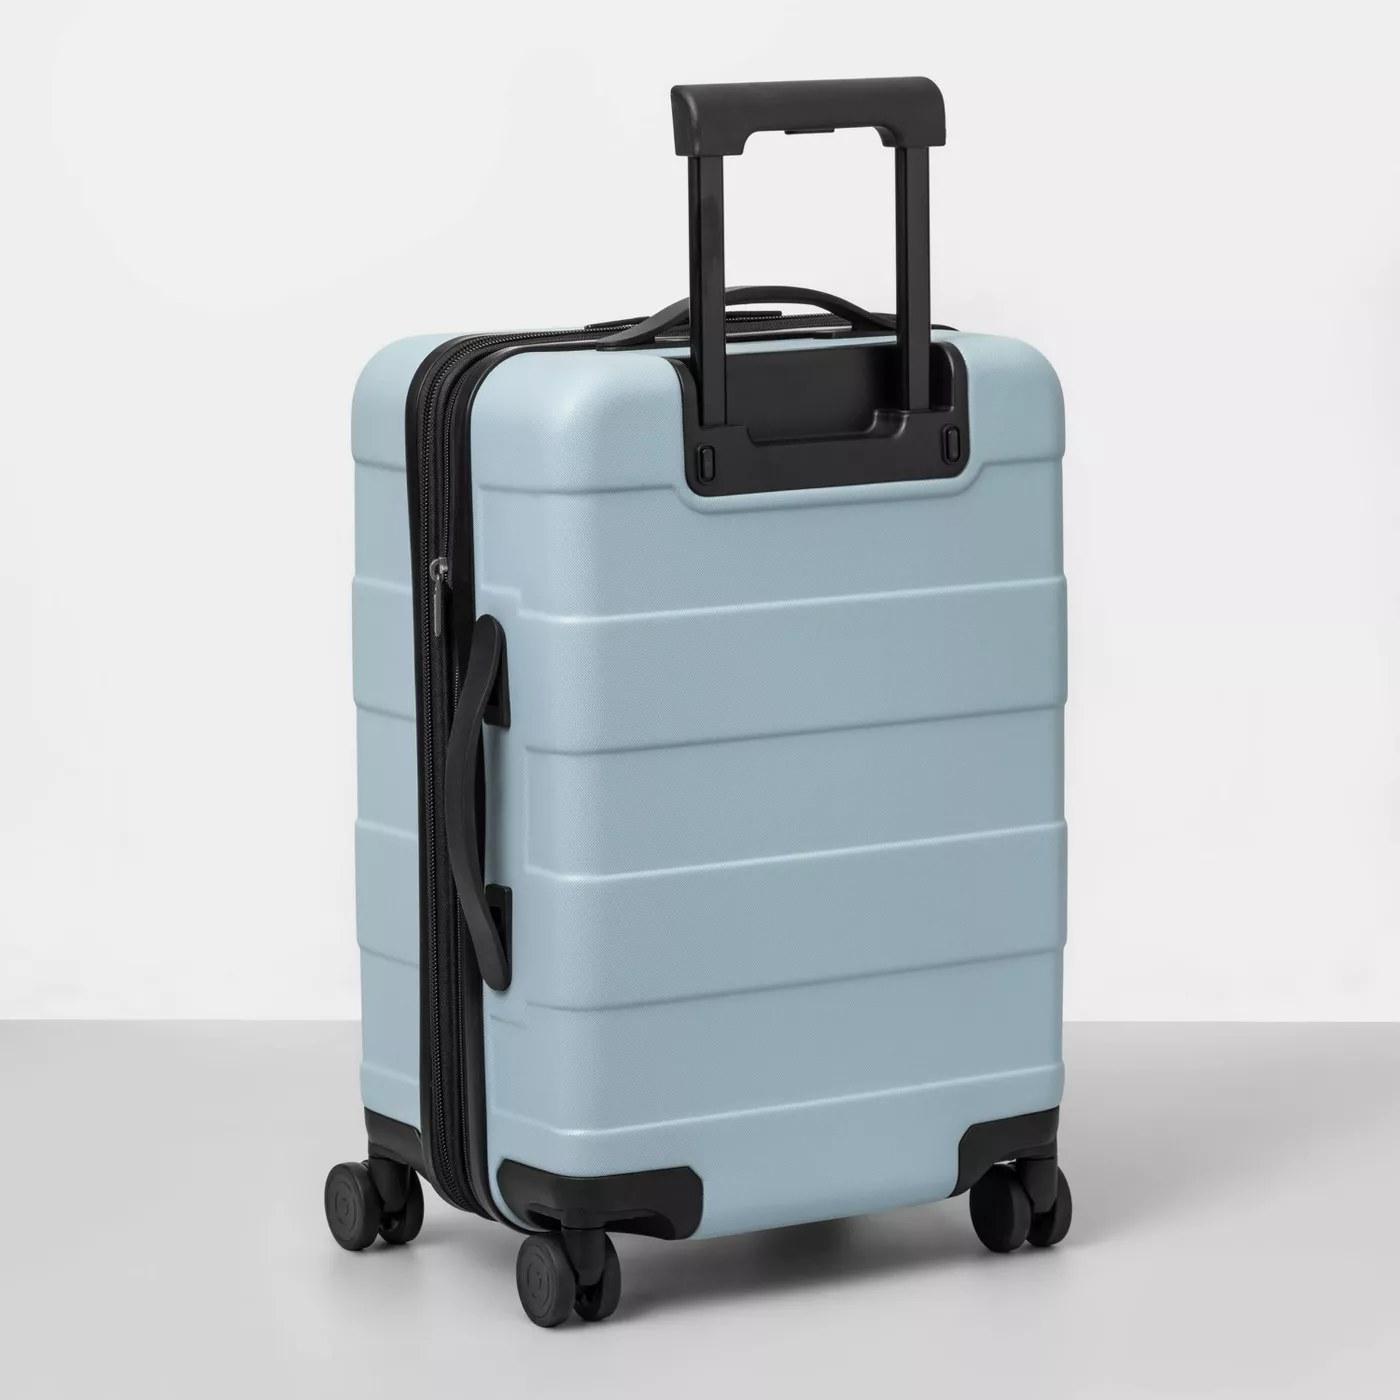 The 4-wheel suitcase in muddy aqua